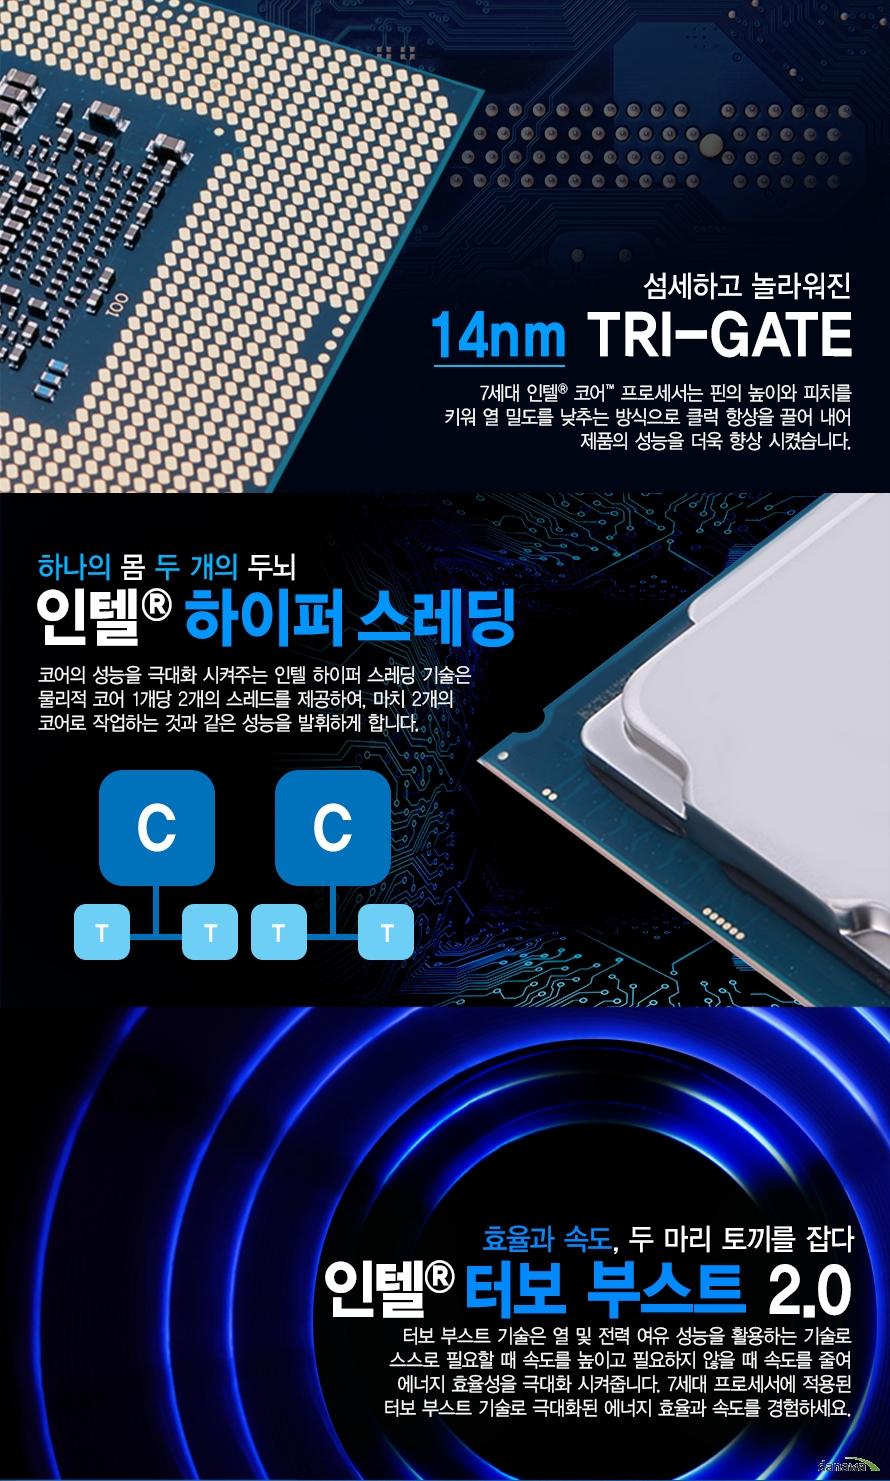 섬세하고 놀라워진 14MN TRI GATE         7세대 인텔 코어 프로세서는 핀의 높이와 피티를 키워 열 밀도를 낮추는 방식으로         클럭 향상을 끌어 내어 제품의 성능을 더욱 향상 시켰습니다.                  하나의 몸 두 개의 두뇌         인텔 하이퍼 스레딩         코어의 성능을 극대화 시켜주는 인텔 하이퍼 스레딩 기술은         물리적 코어 1개당 2개의 스레드를 제공하여 마치 2개의 코어로 작업하는 것과          같은 성능을 발휘하게 합니다.                                             효율과 속도, 두 마리 토끼를 잡다         인텔 터보 부스트 2.0         터보 부스트 기술은 열 및 전력 여유 성능을 활용하는 기술로          스스로 필요할 때 속도를 높이고 필요하지 않을 때 속도를 줄여 에너지 효율성을         극대화 시켜줍니다. 7세대 프로세서에 적용된 터보 부스트 기술로 극대화된 효율과         속도를 경험하세요.